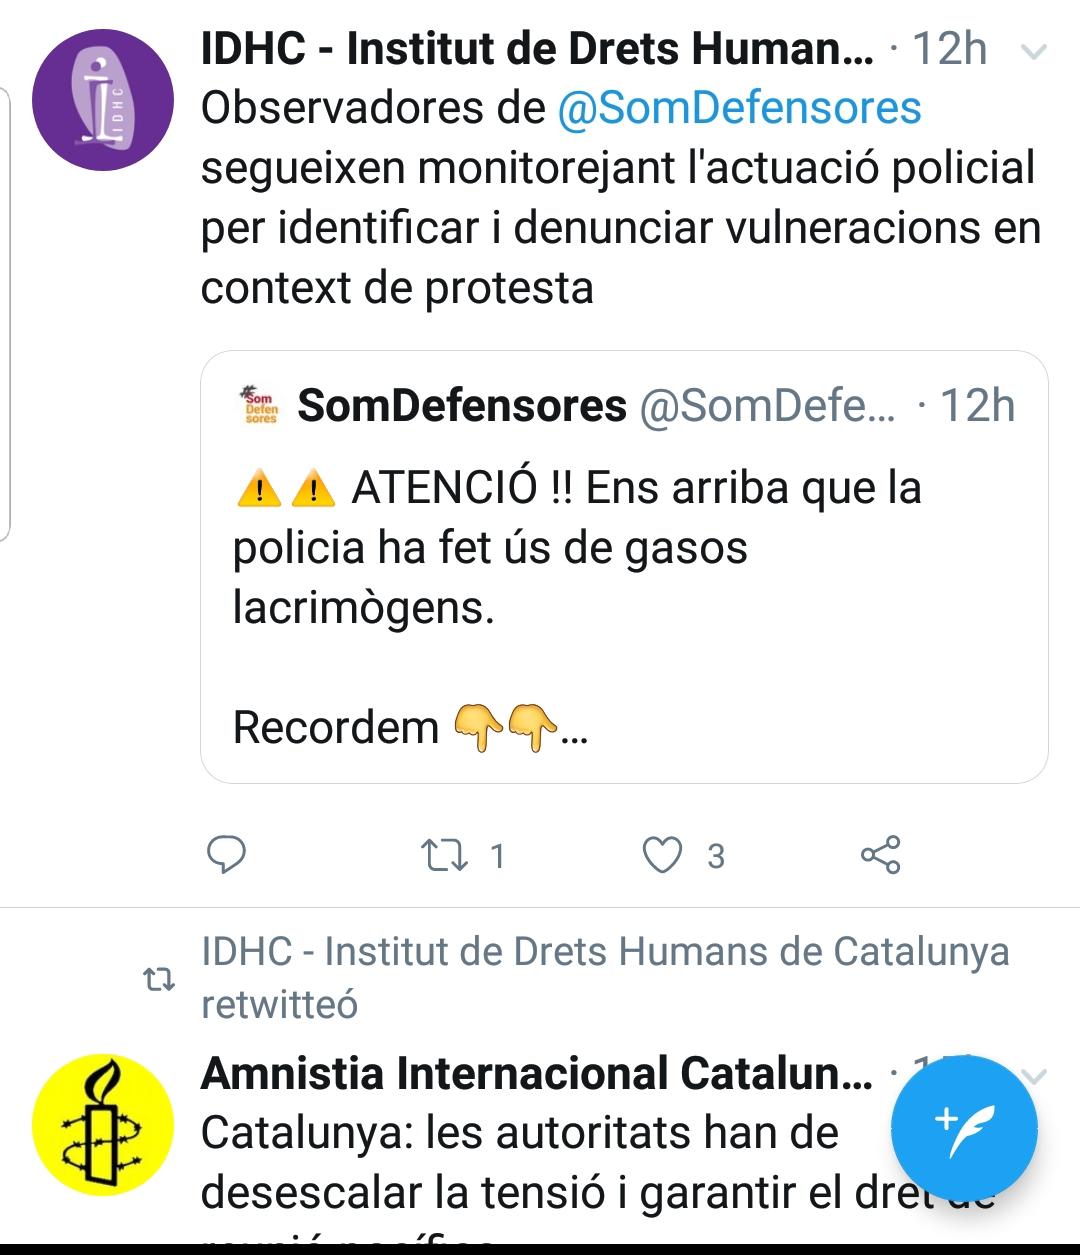 Las ONG catalanas subvencionadas por Soros aleccionan a los 'tsunamis' a denunciar a la Policía